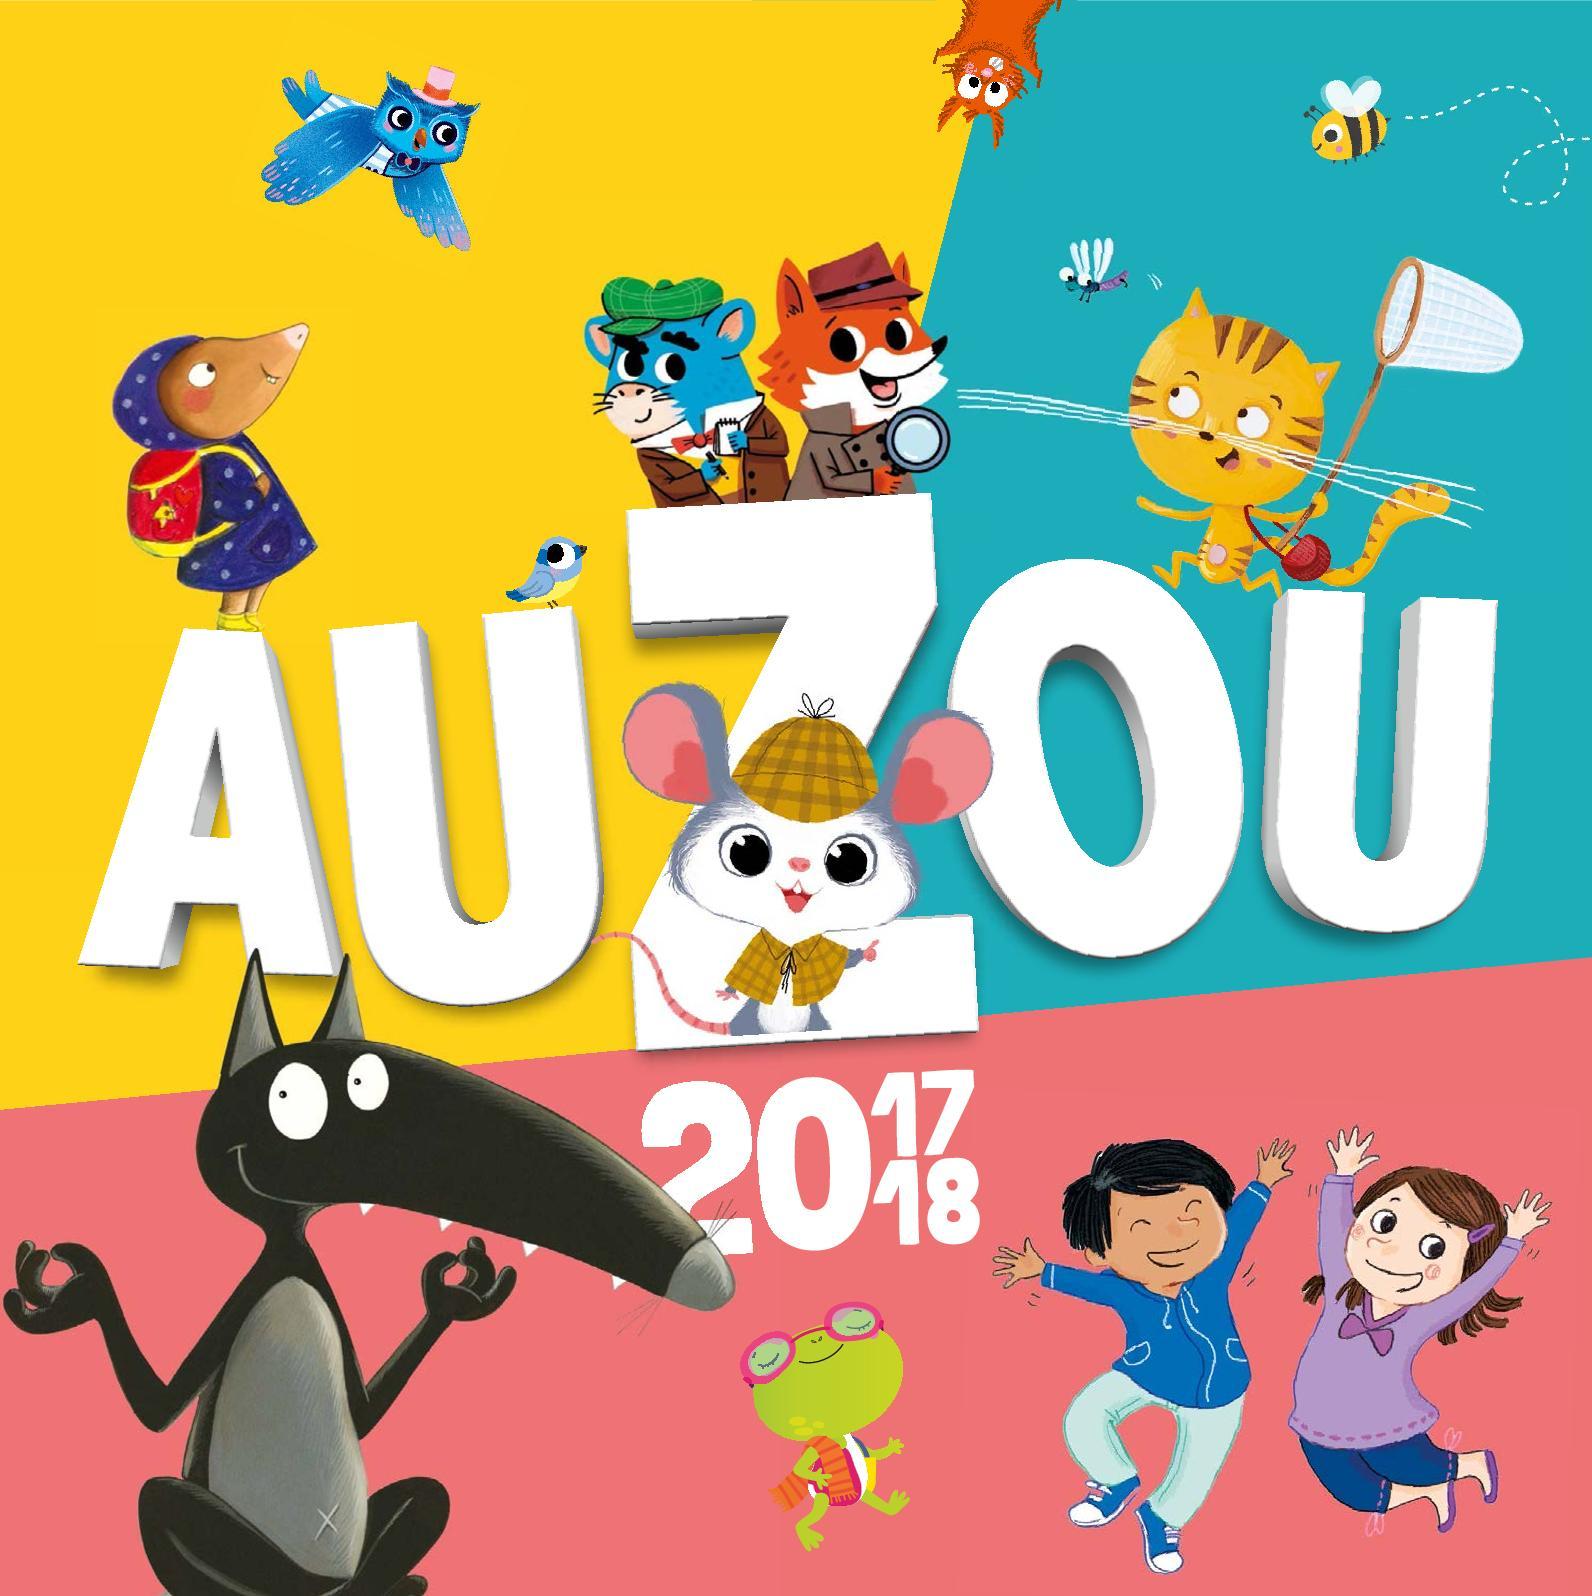 Catanum Auzou 2017 2018